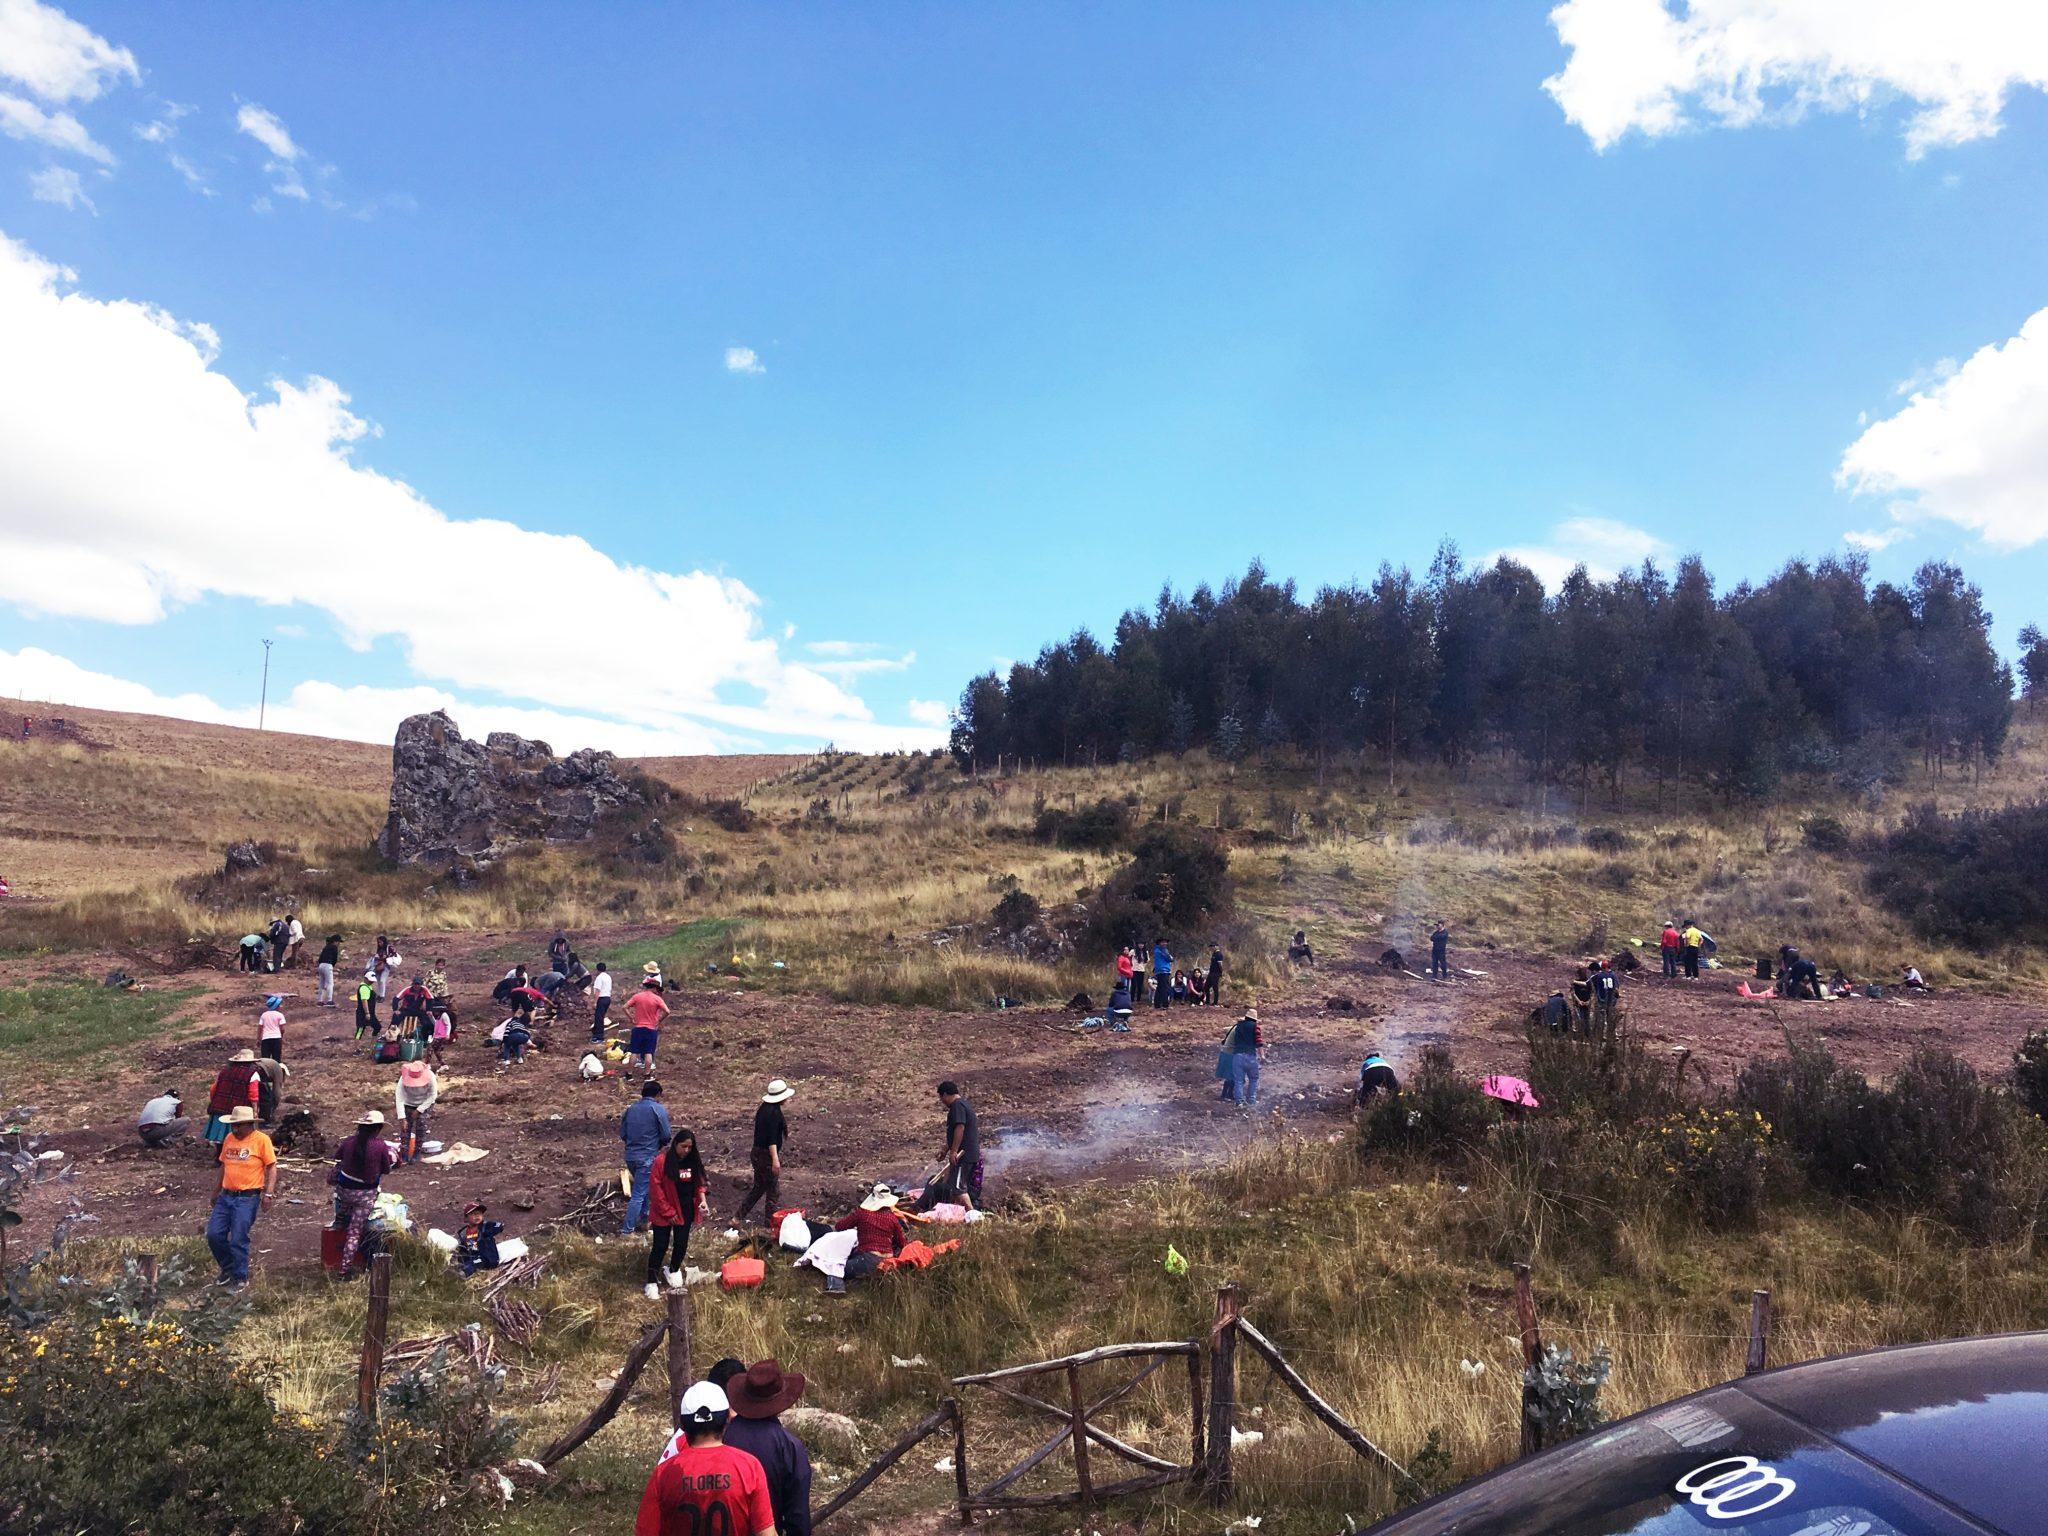 ペルー, クスコ, 観光, ツアー, ツーリング, キックボード